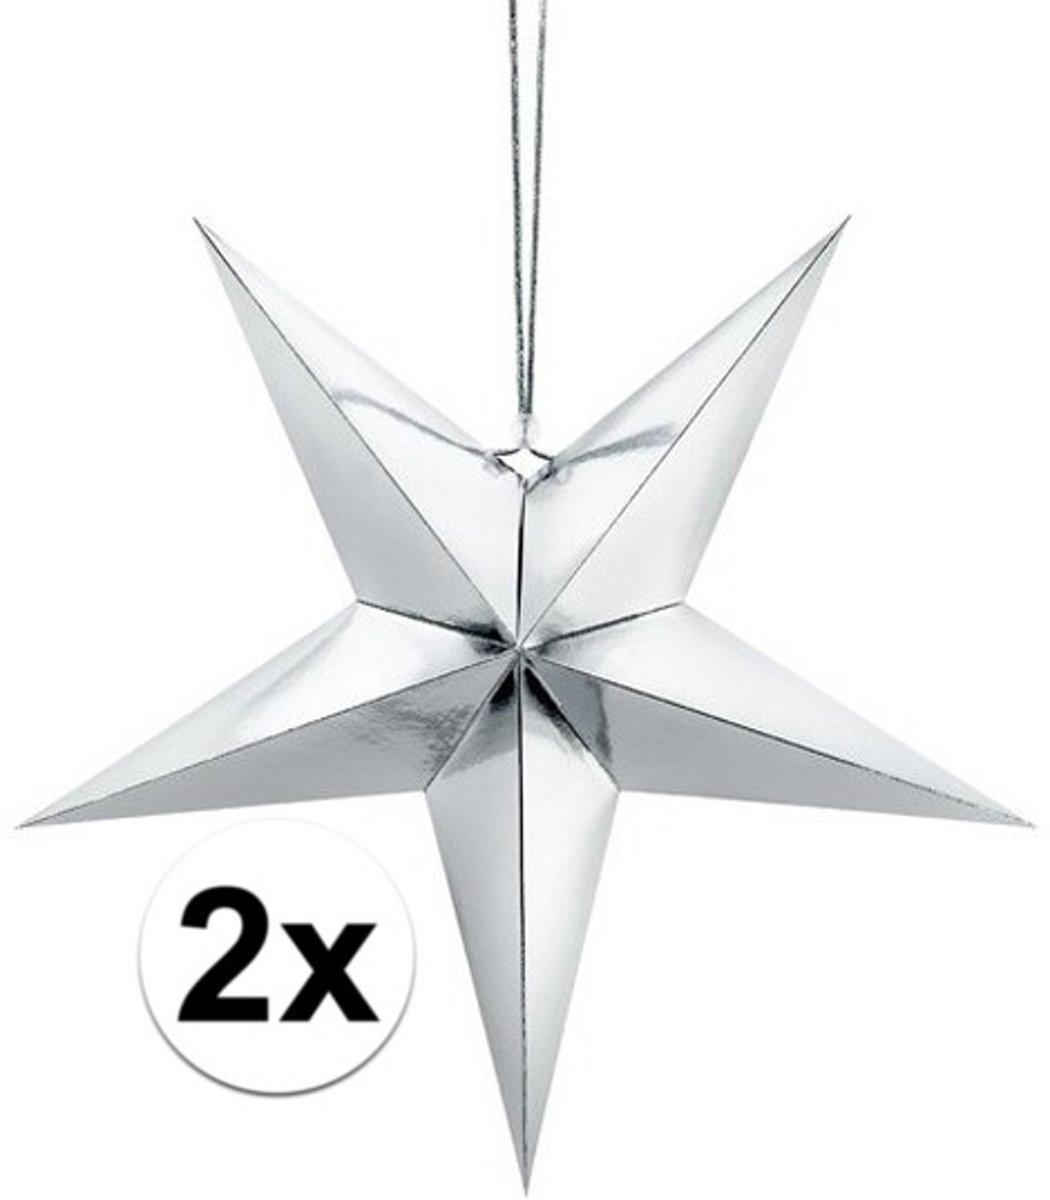 2x Zilveren sterren 45 cm Kerst decoratie/versiering kopen